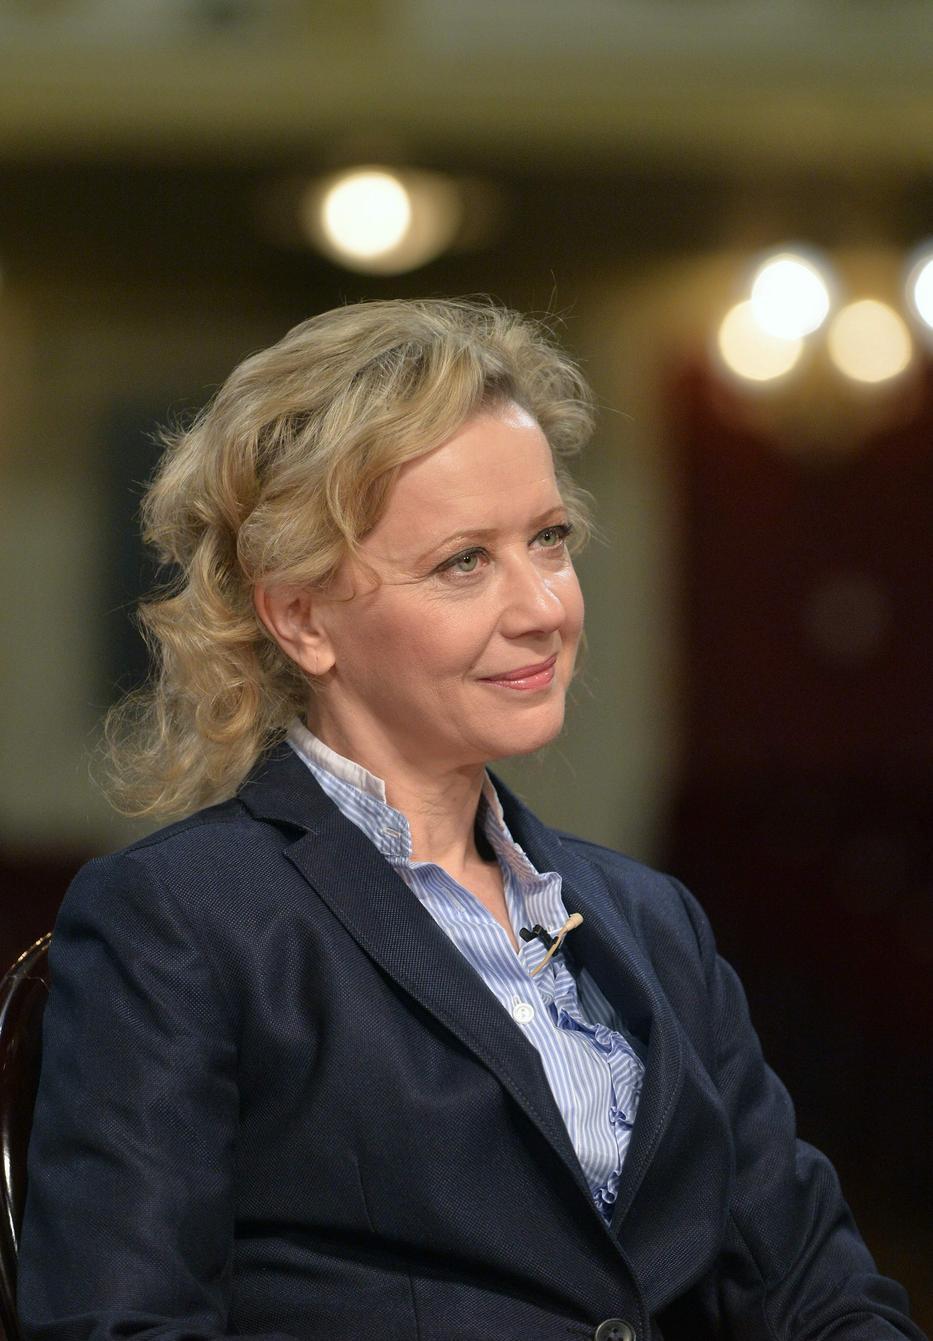 Hiába kérték Rudolfék Eszenyit, hogy szálljon ki: máig pénzügyekről dönt a Vígszínház volt igazgatója